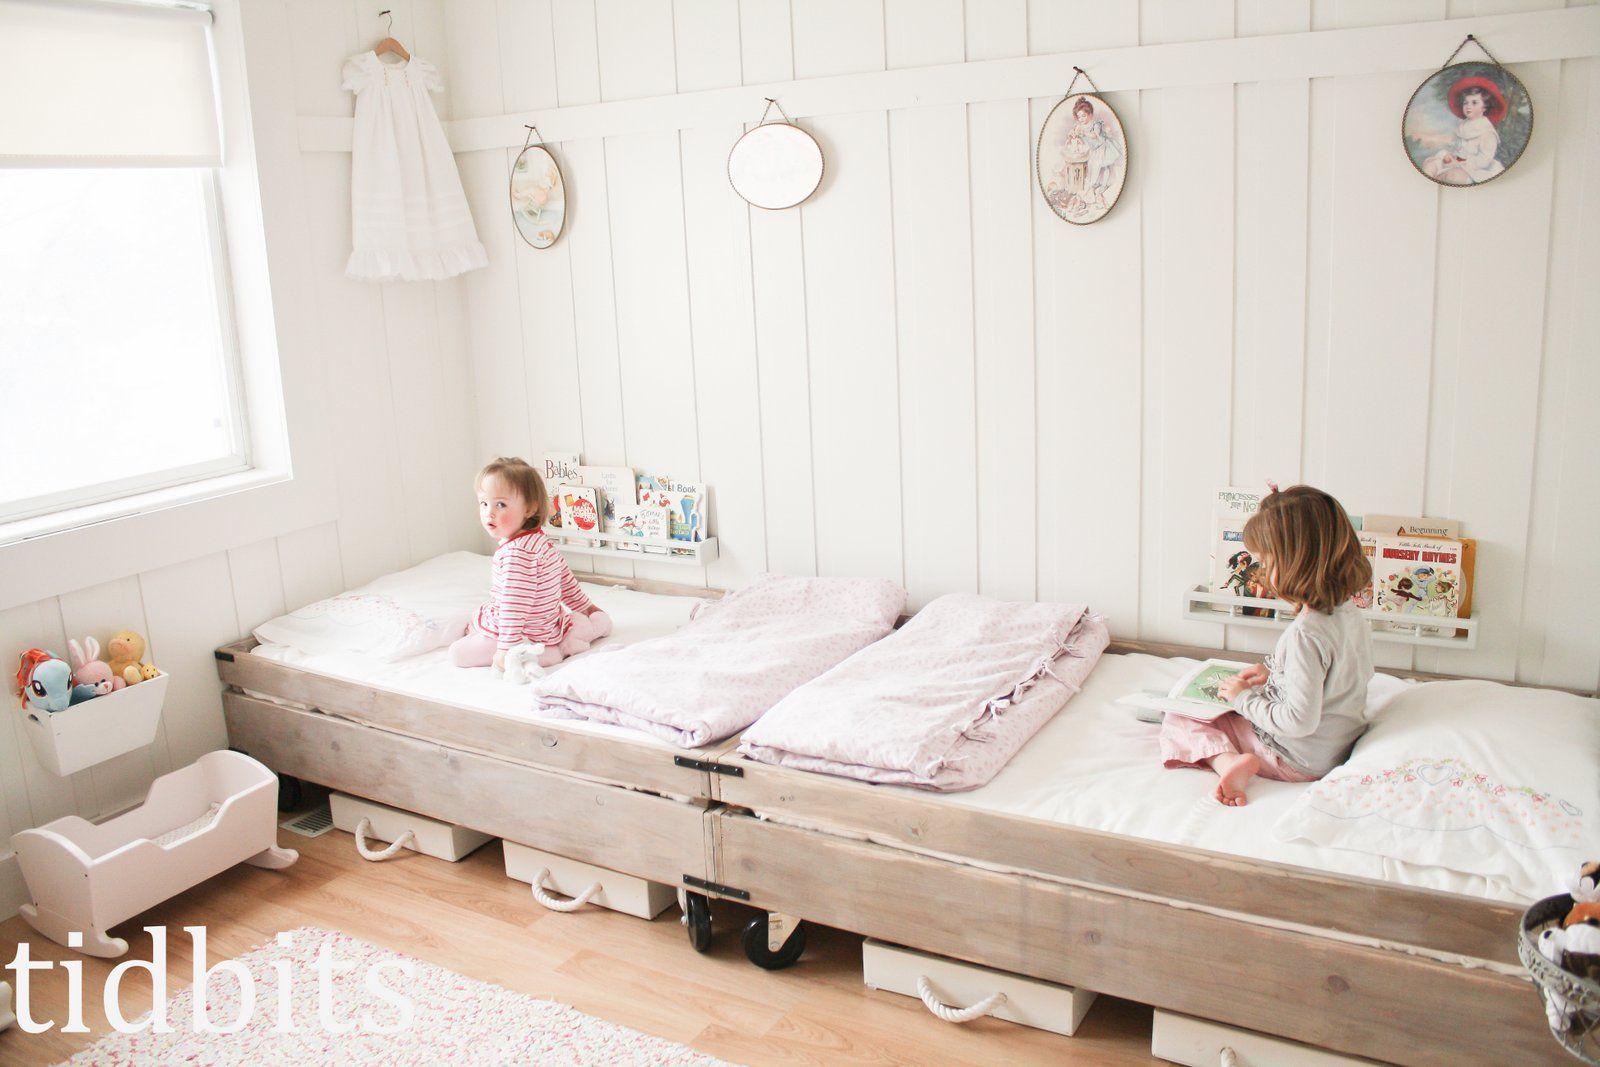 Tidbits Little Girl Shared Bedroom Small Space Makeover Room Decor Di Habitaciones Infantiles Dormitorios Compartidos Para Ninas Decorar Habitacion Ninos